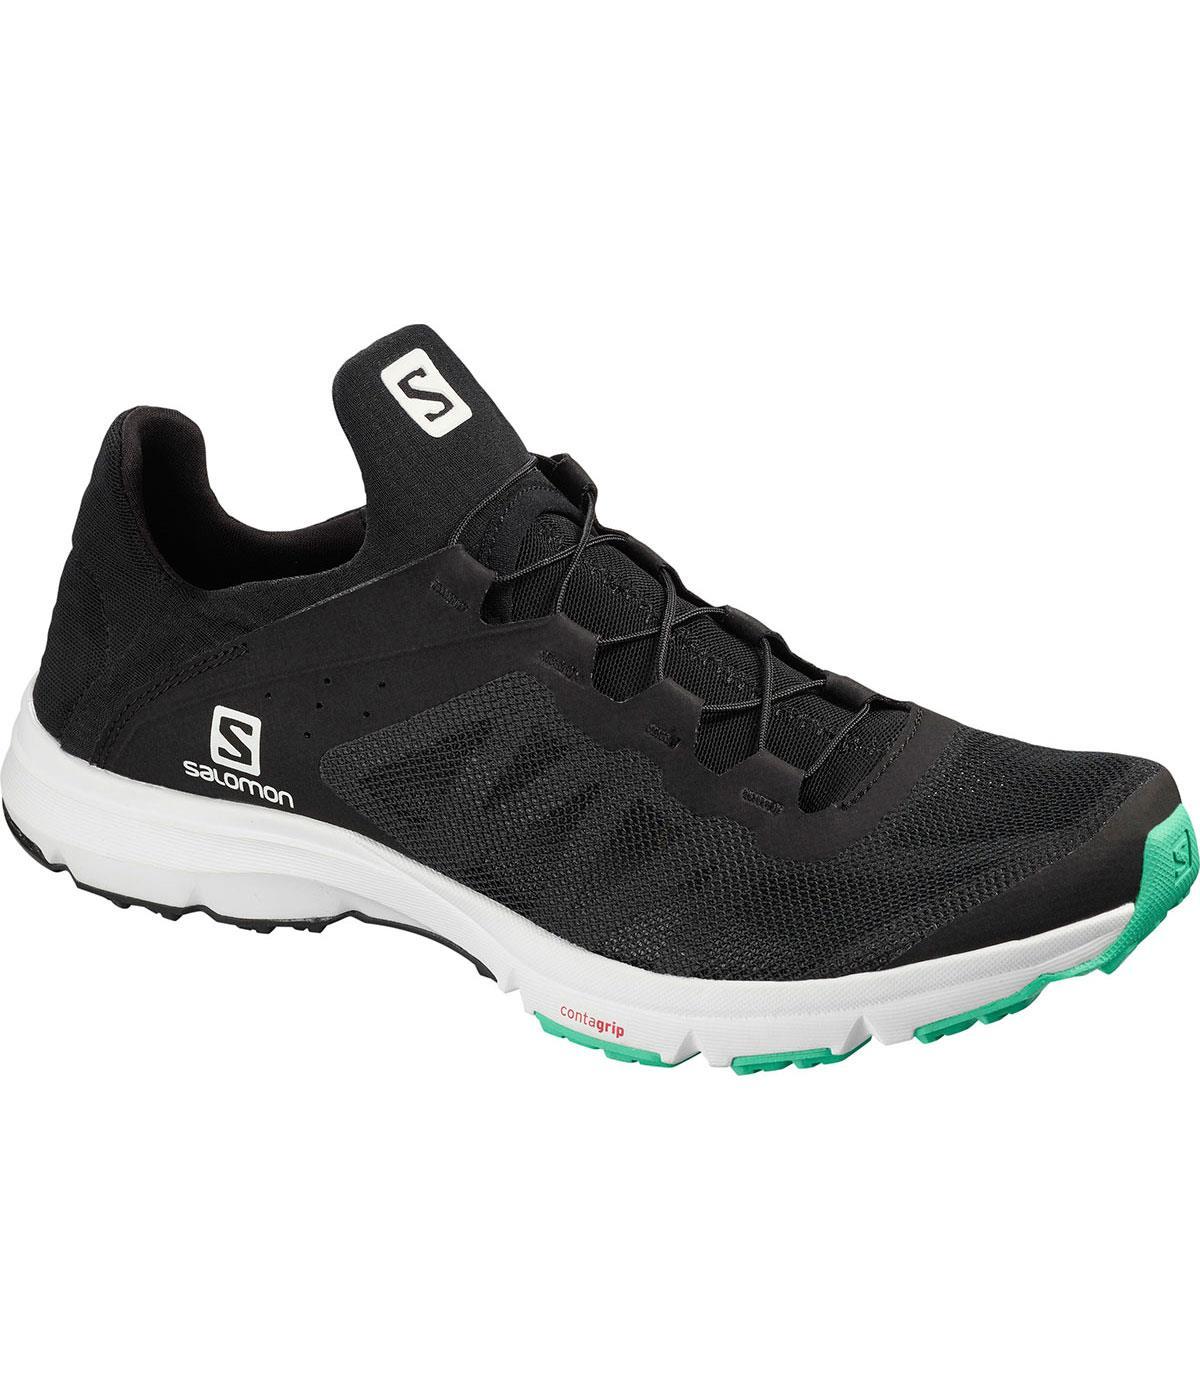 Salomon AMPHIB BOLD W Kadın  Ayakkabısı L40682300